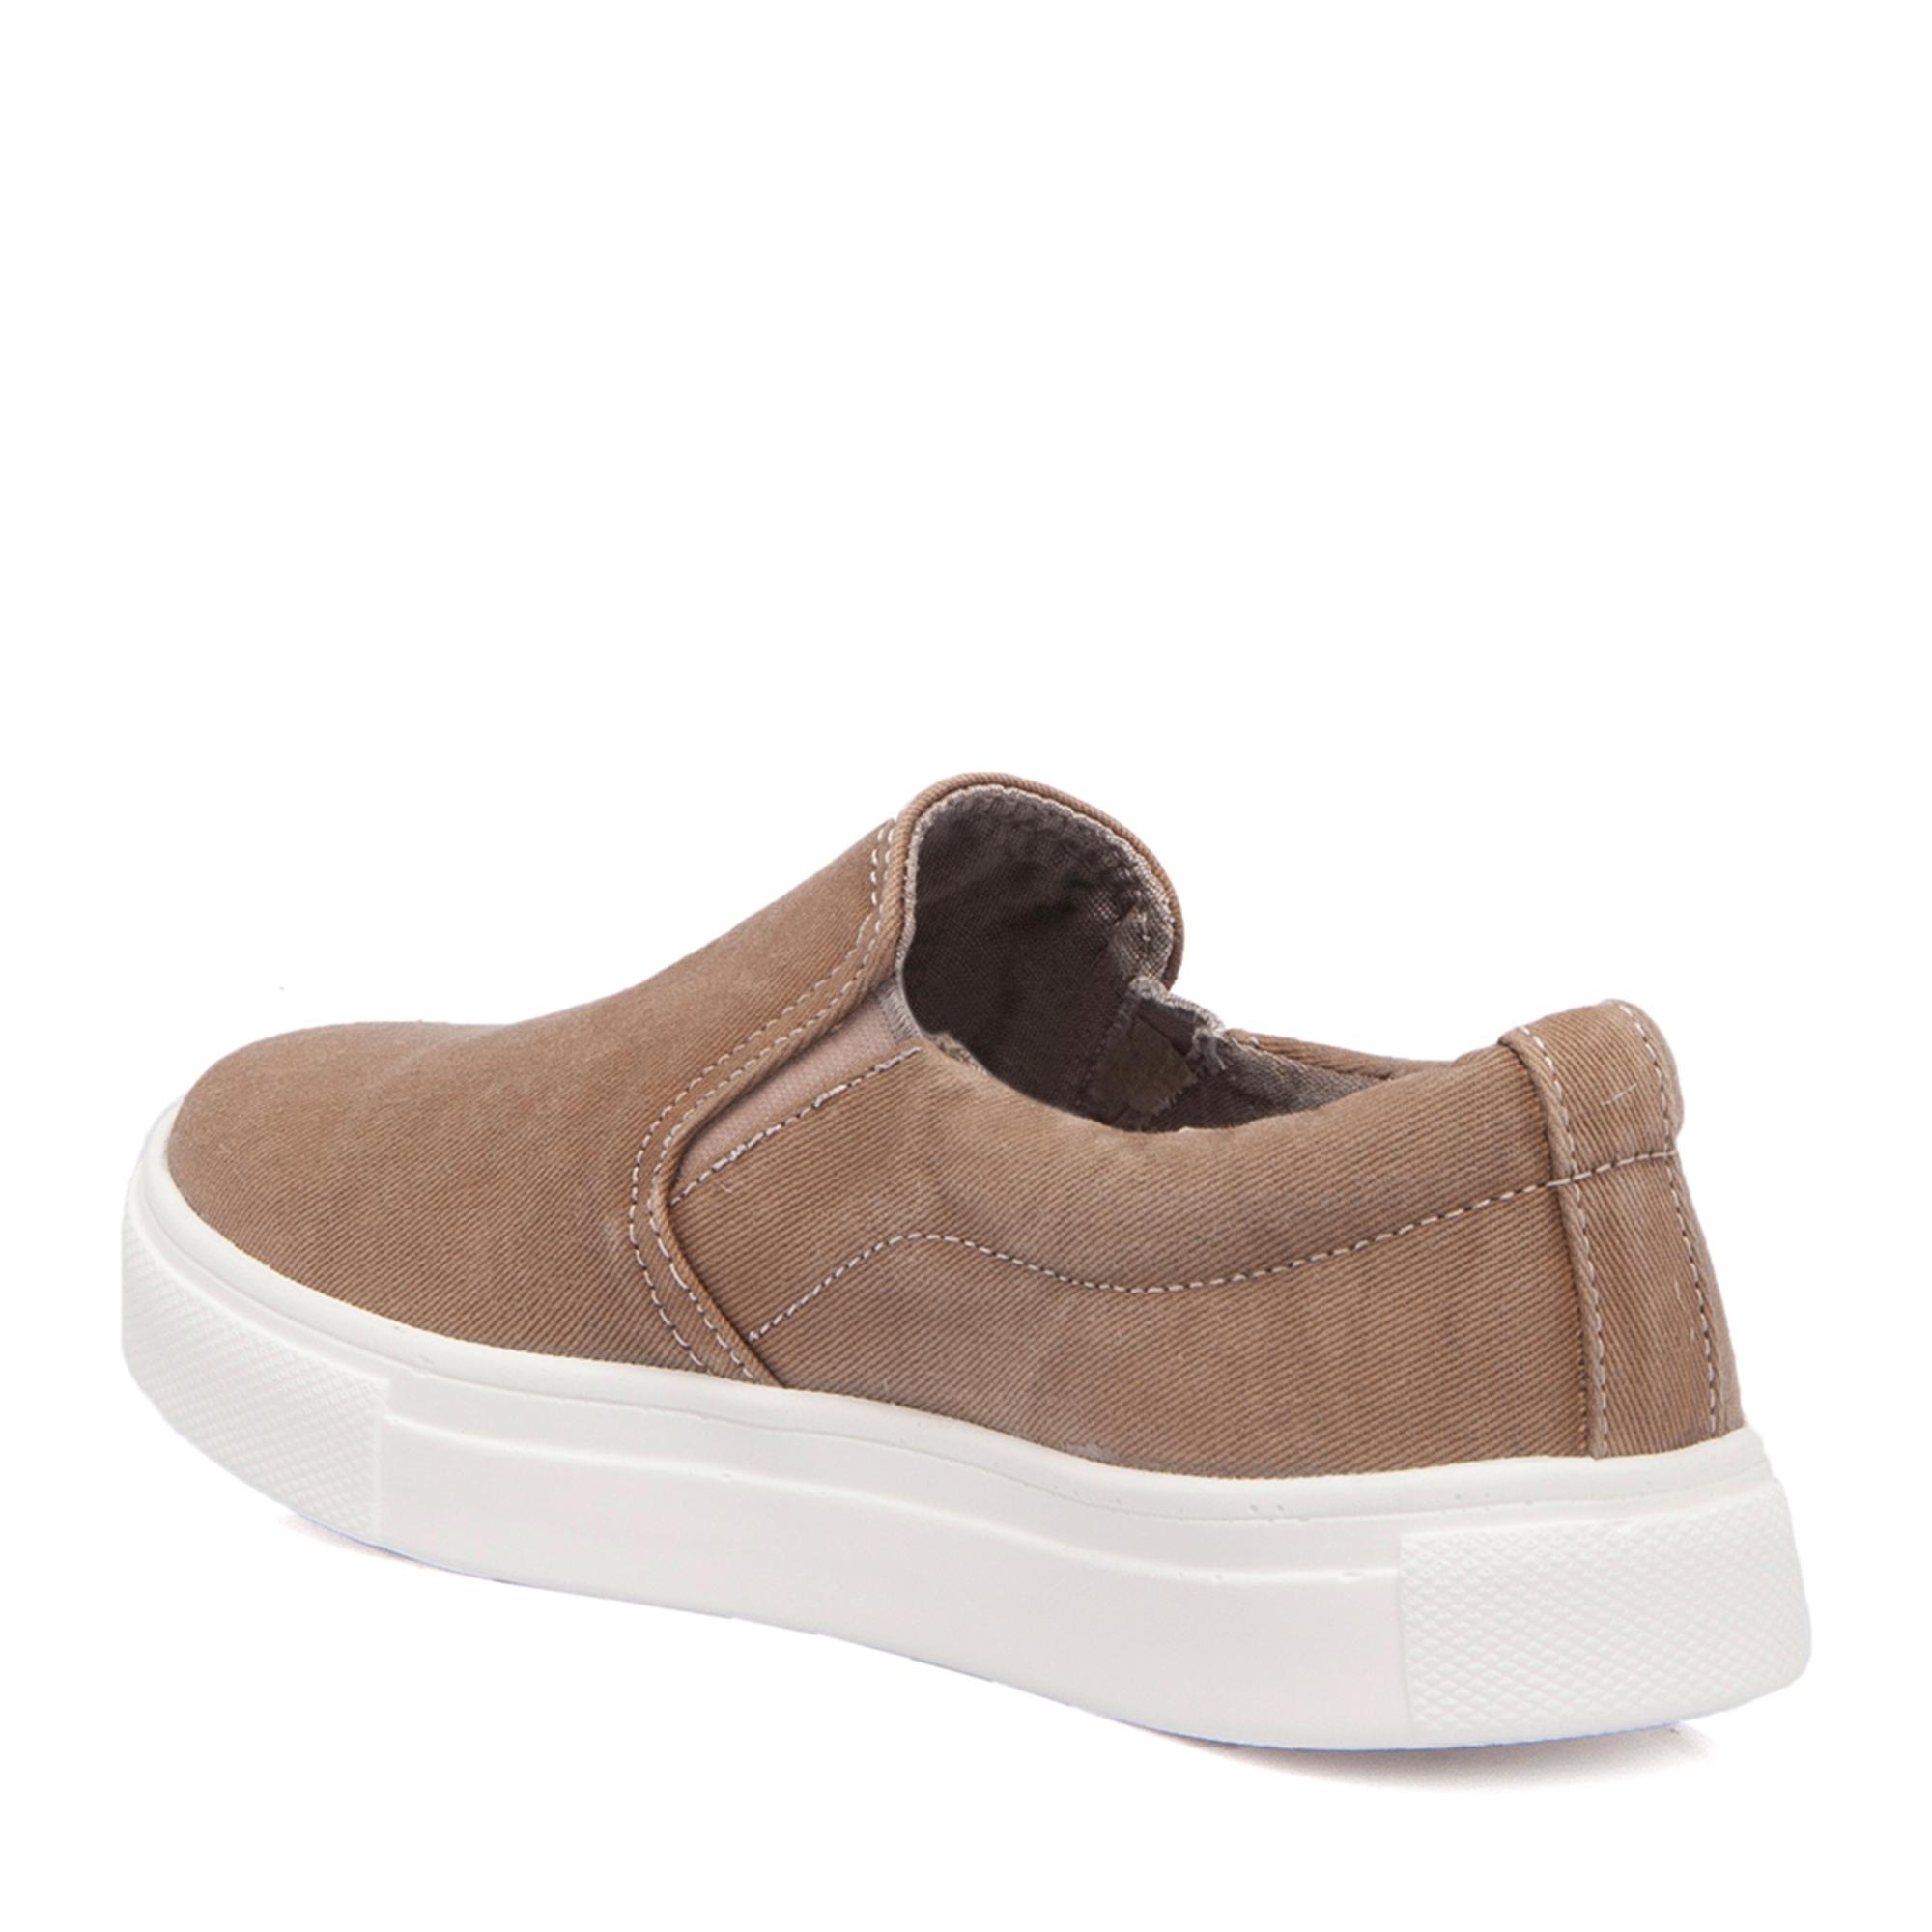 Bej Tekstil Kadın Ayakkabı 64239M04